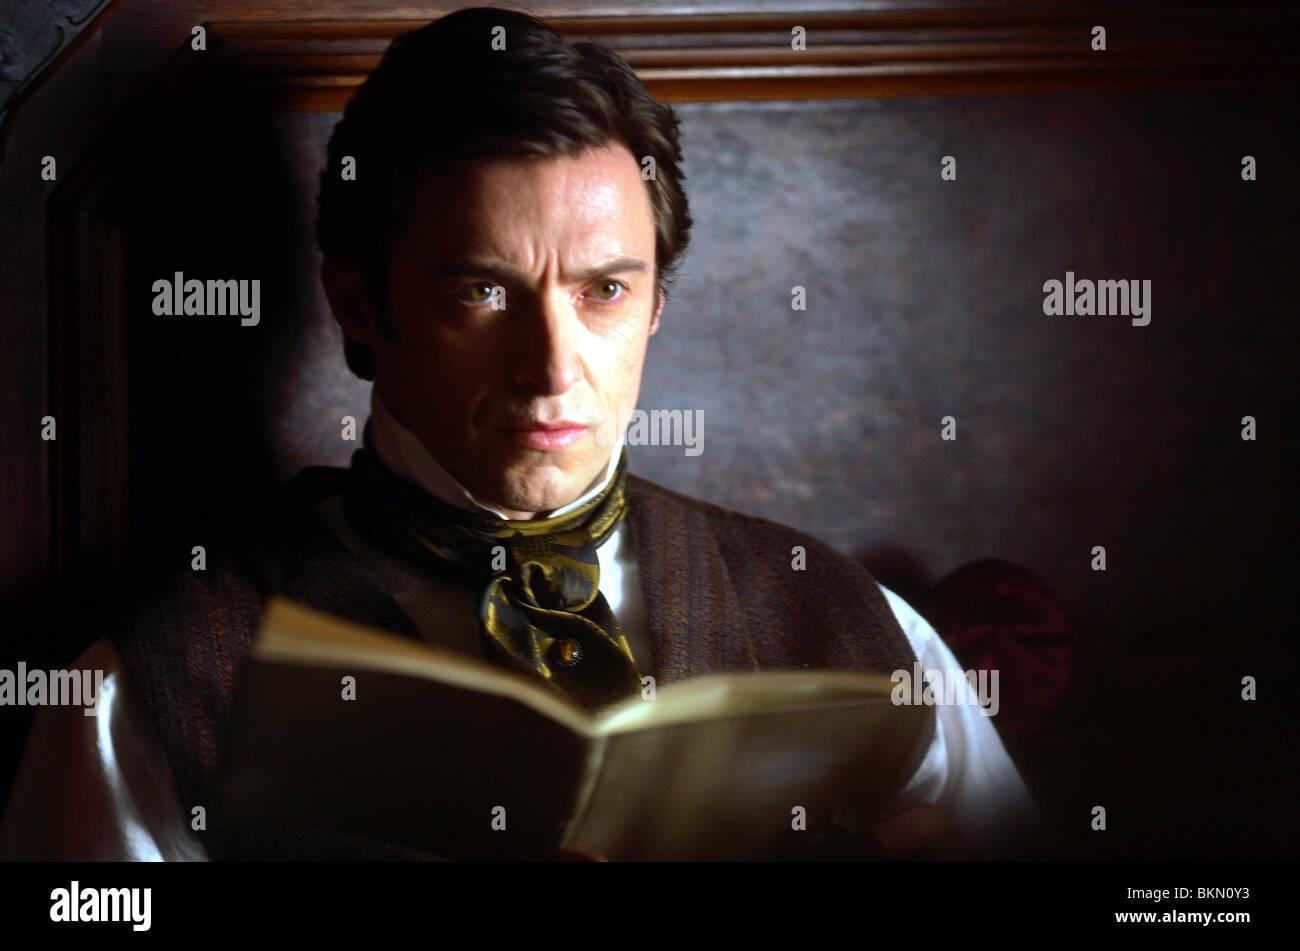 THE PRESTIGE (2006) HUGH JACKMAN PTGE 001-008 - Stock Image